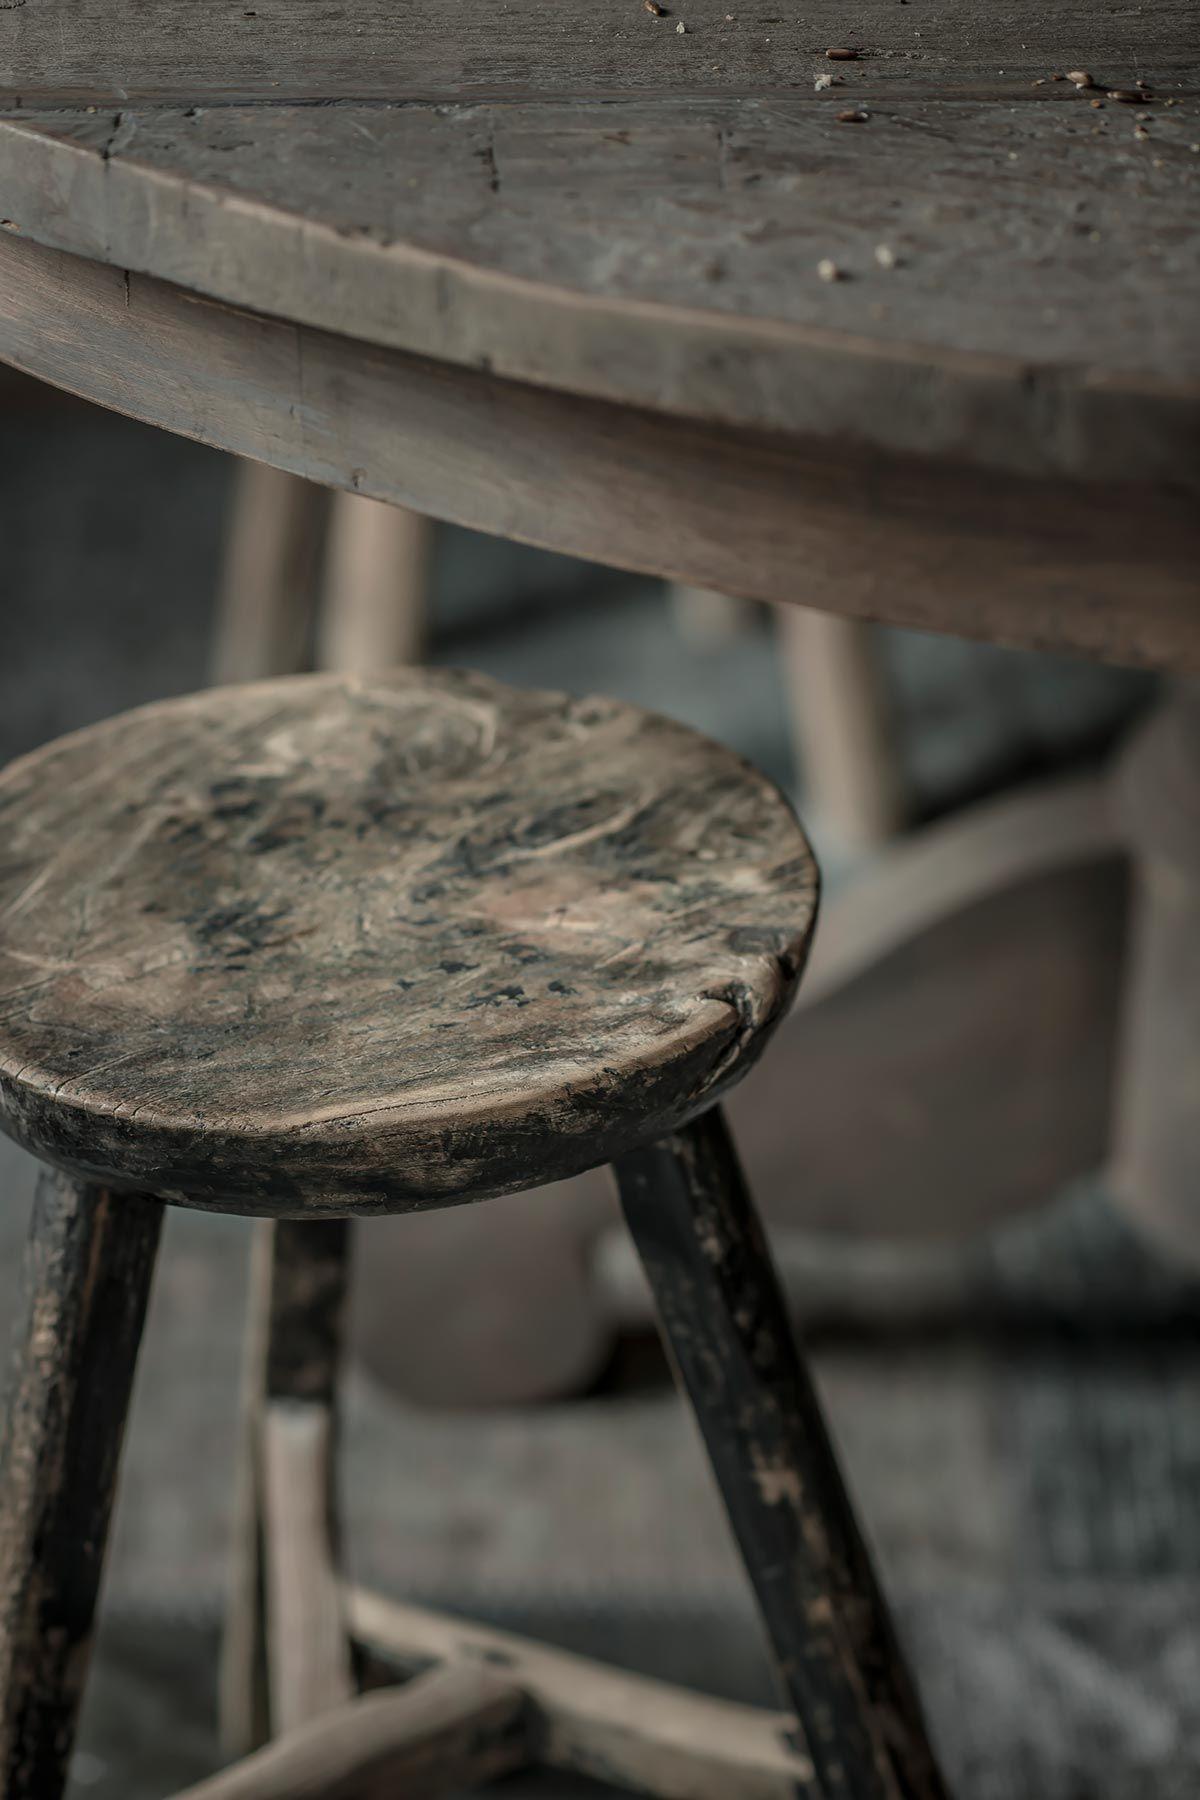 hoffz krukje oud hout  wwwtwoonhuisnl  Oud hout